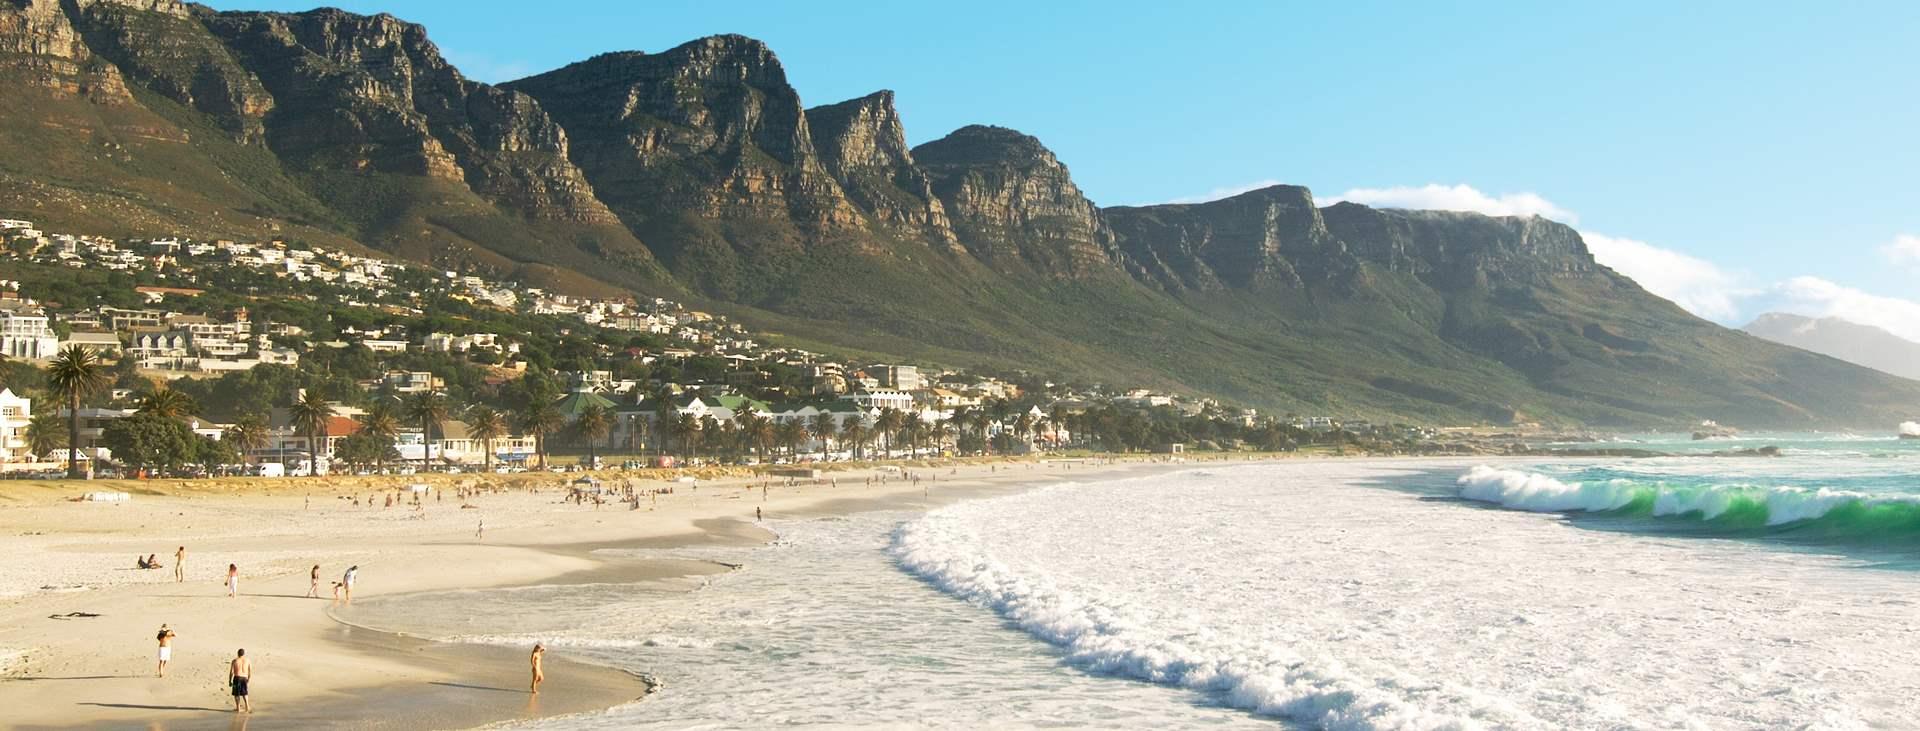 Boka en resa till Sydafrika med flyg och hotell